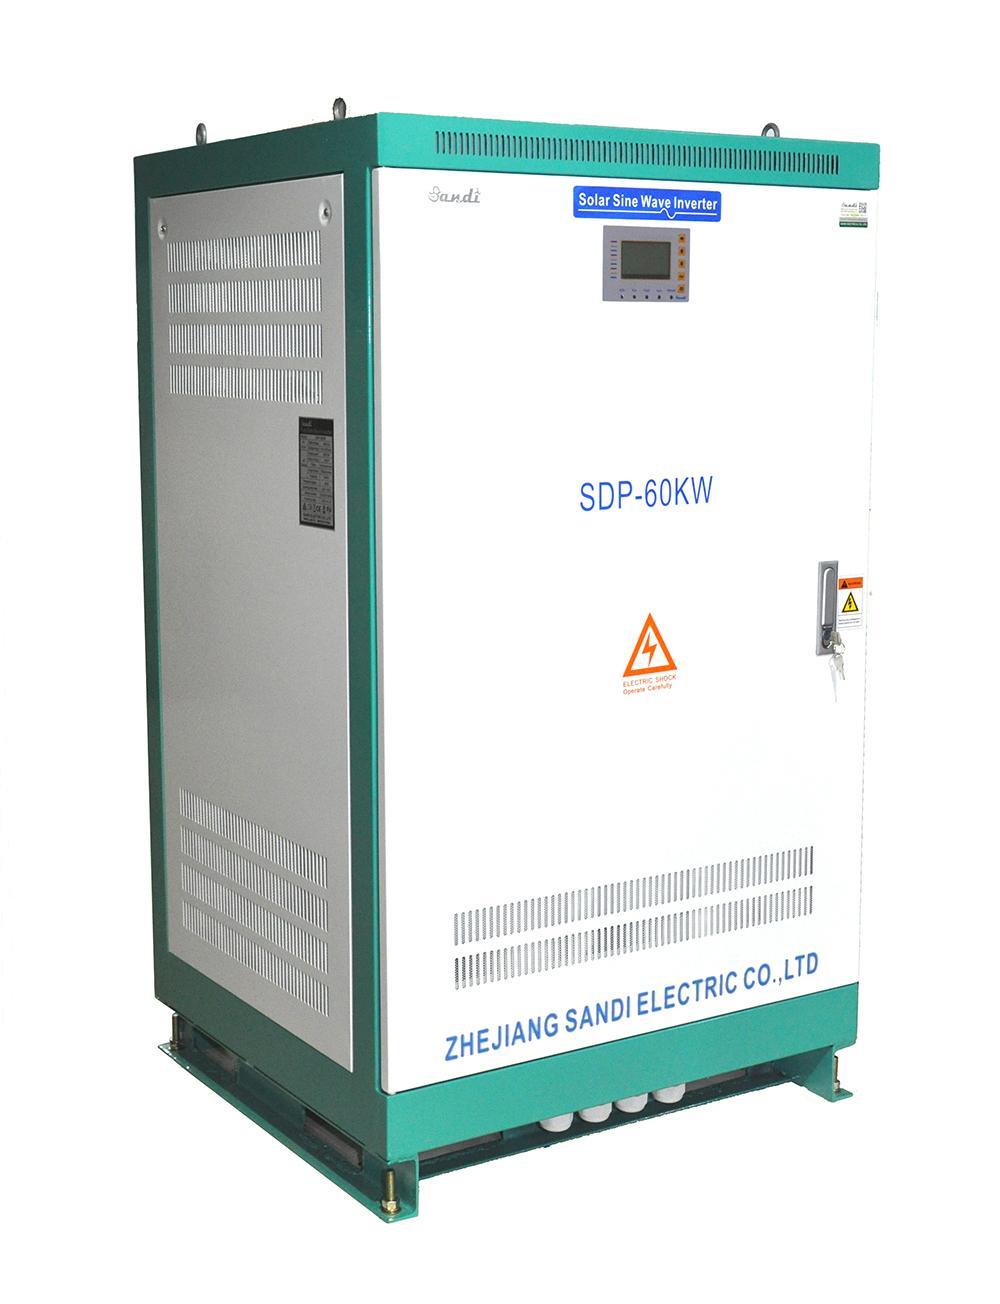 防断电大功率纯正弦波工频逆变器60KW太阳能三相逆变器360V480V农村用电离网逆变器